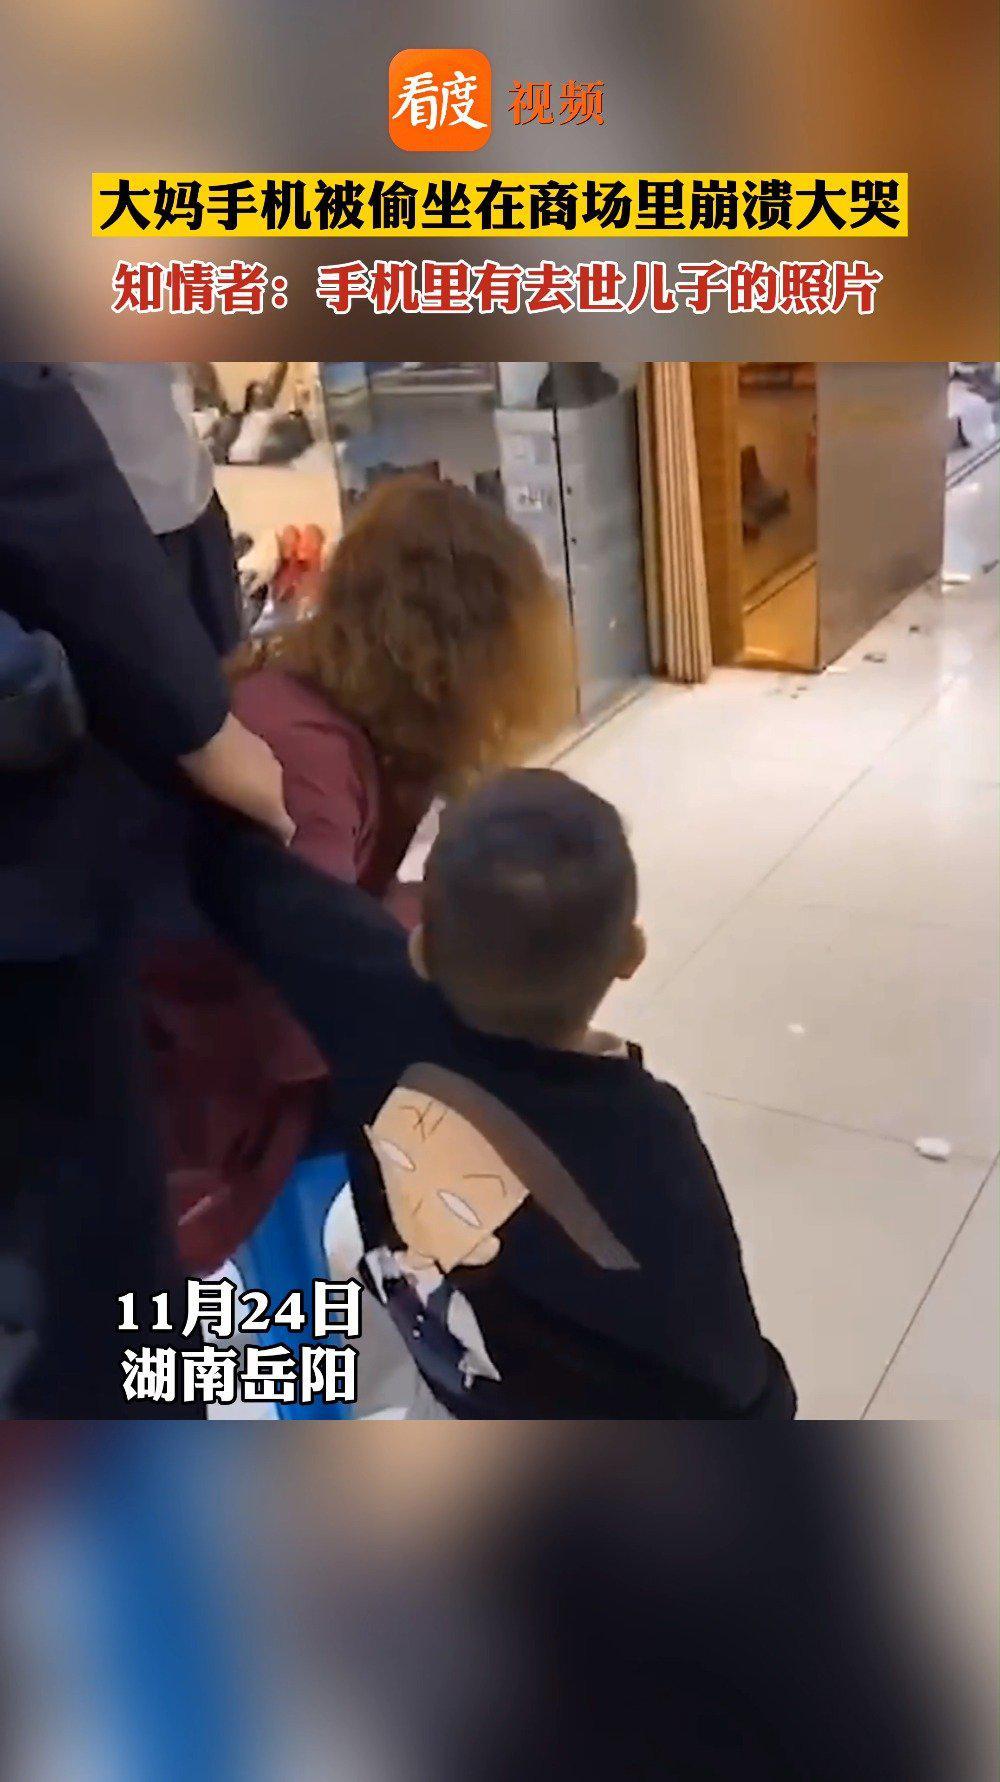 11月24日湖南岳阳一 ,知情者:手机里有去世儿子的照片和语音!……